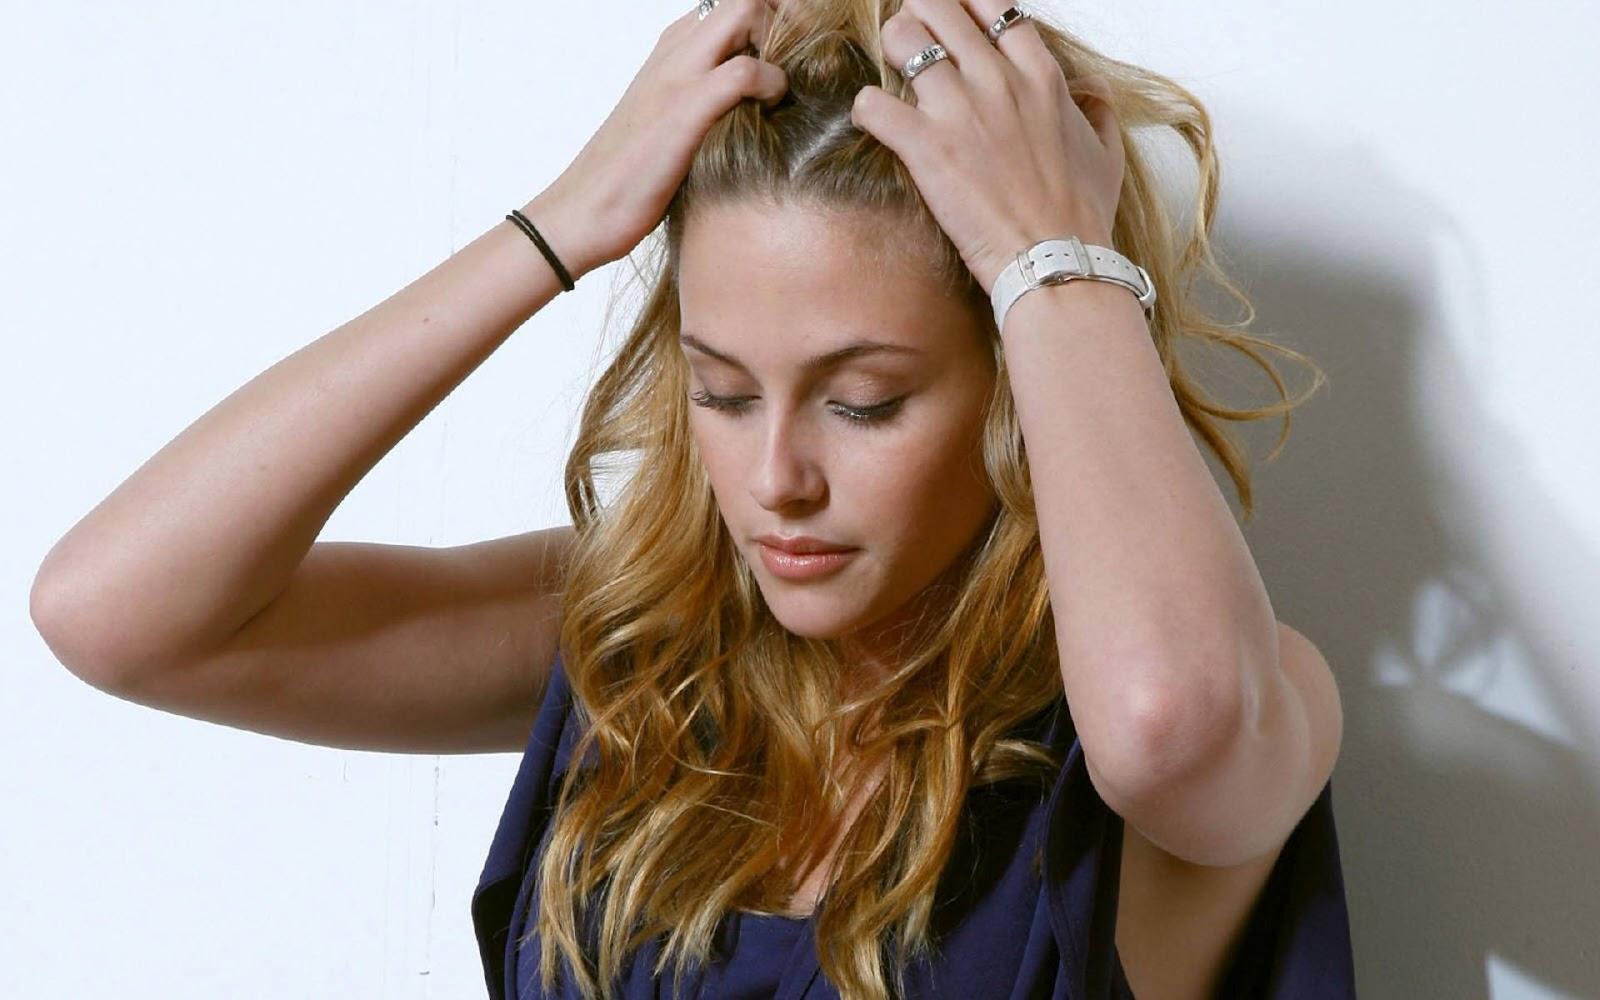 http://1.bp.blogspot.com/-niBeg_u3nsc/T0Nw5MI9QiI/AAAAAAAAANM/Ux3f-FbeN6E/s1600/Kristen+Stewart+Wallpapers+9.jpg